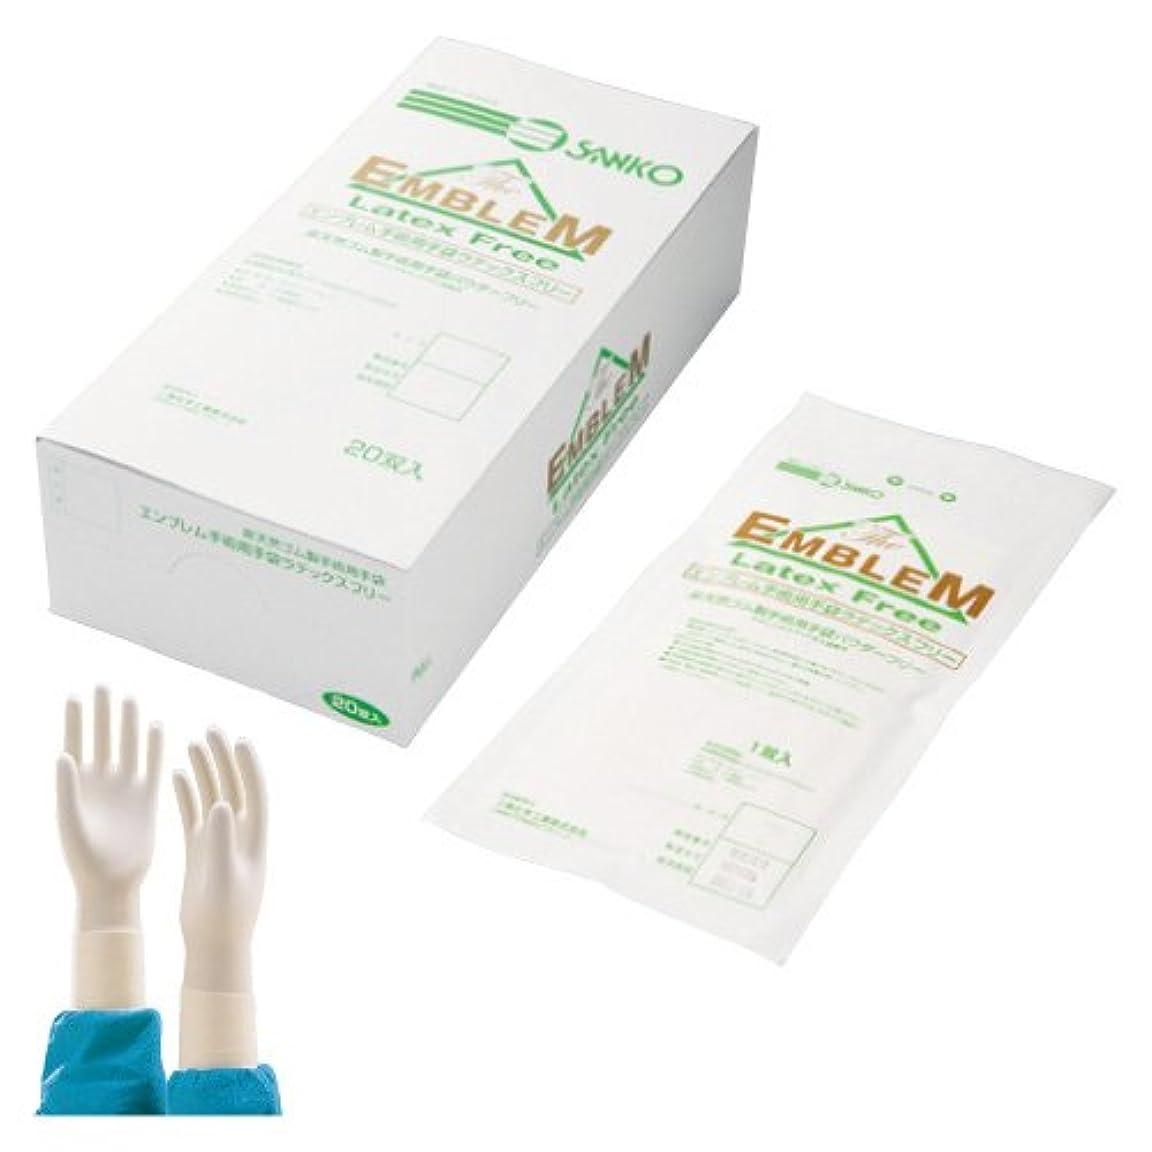 サイレンアッパー誘惑するエンブレム手術用手袋 8 <1箱(20双入)>